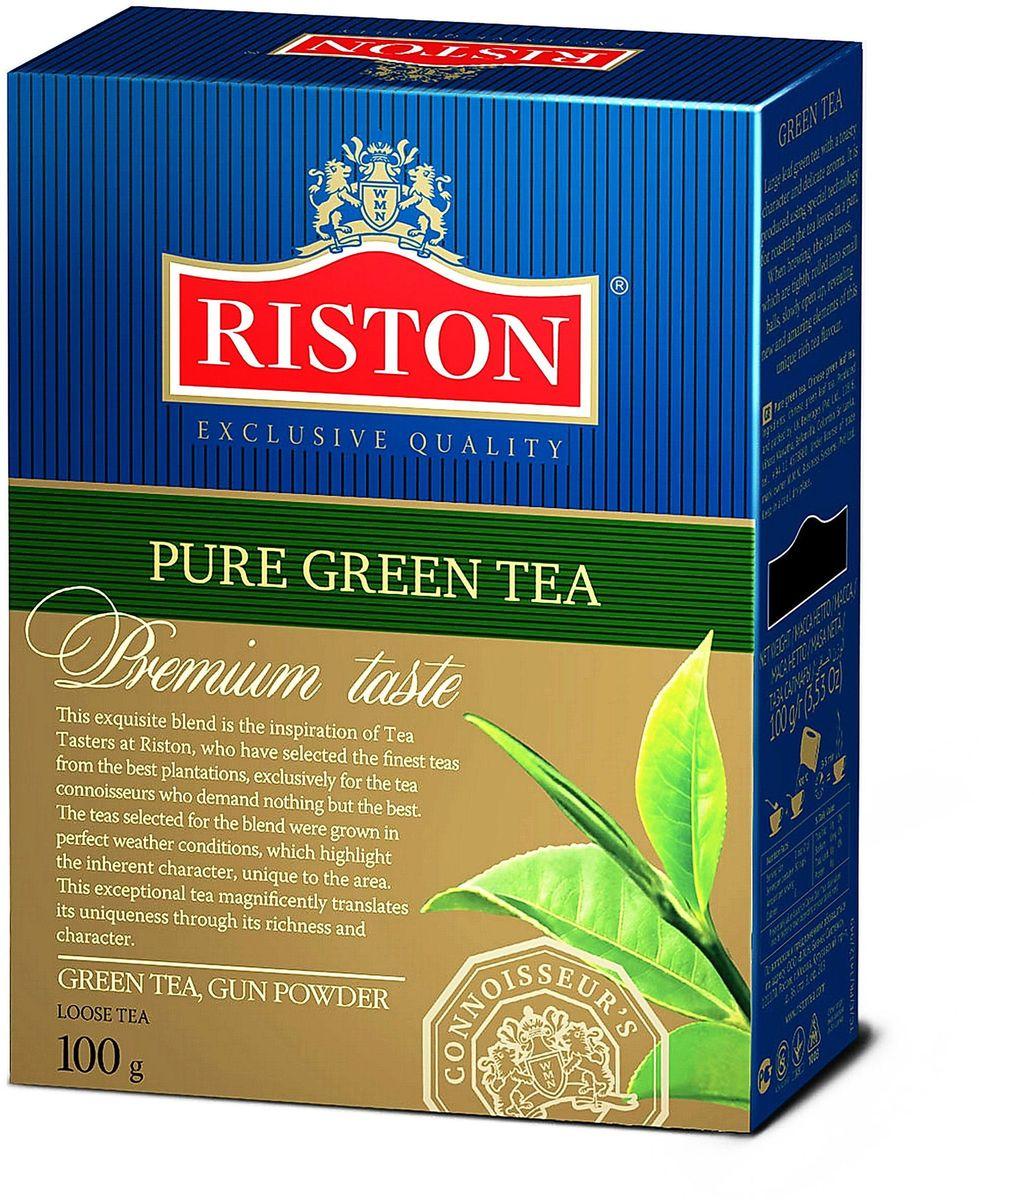 Riston Gun Powder зеленый листовой чай, 100 г4792156002187Крупнолистовой зеленый чай с крепким настоем и тонким ароматом. Приготовлен по специальной технологии прокаливания чайных листьев на сковороде. При заваривании чаинки, туго скрученные в маленькие шарики, медленно распускаются, раскрывая новые удивительные грани необычайно богатого чайного букета. Состав: чай зеленый байховый крупнолистовой китайский, стандарт GP